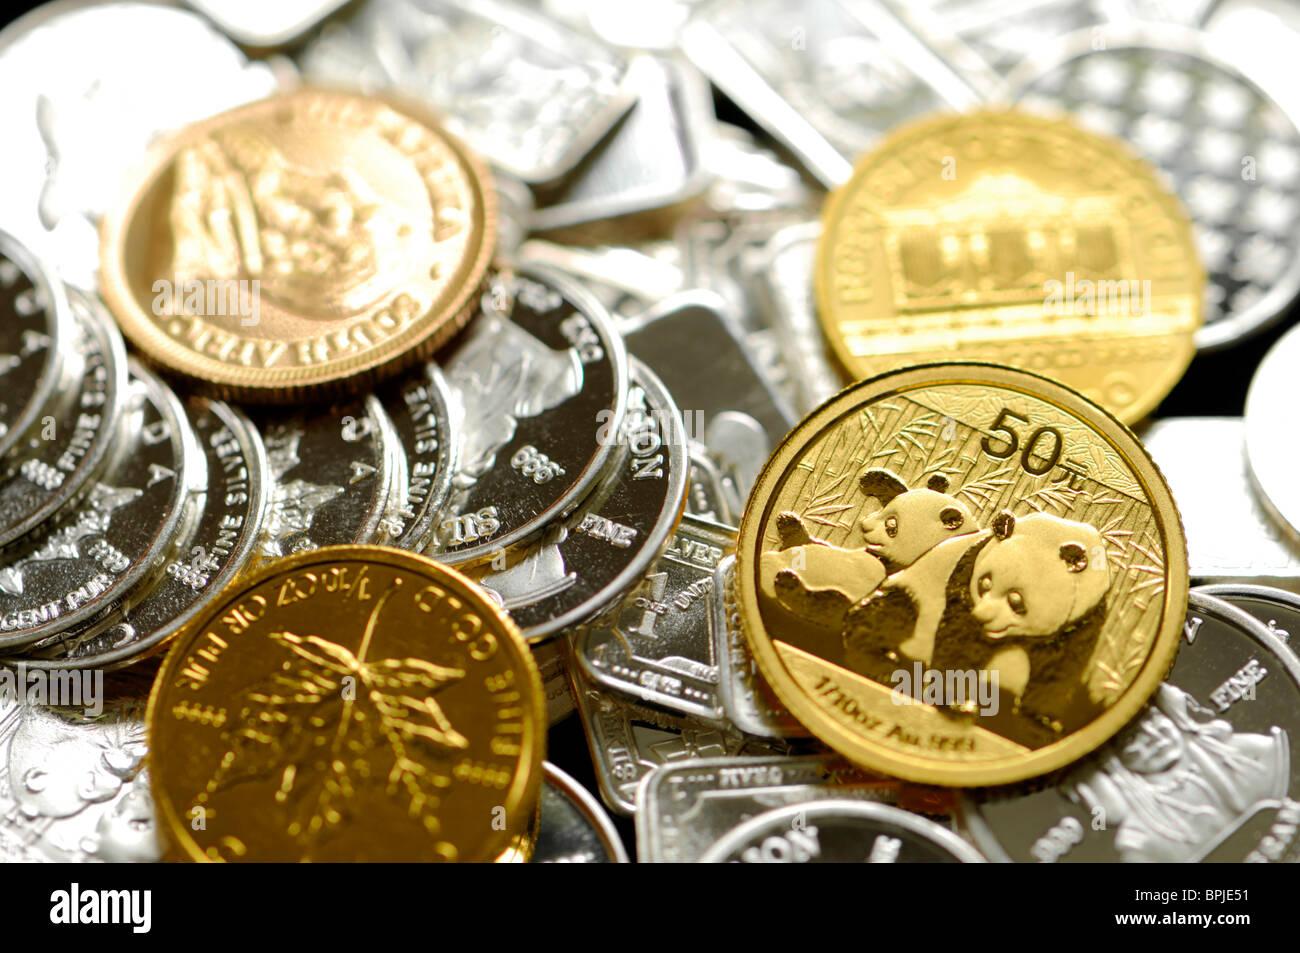 Gold Und Silber Barren In Kleinen Münzen 1g Silber Runden Und 10